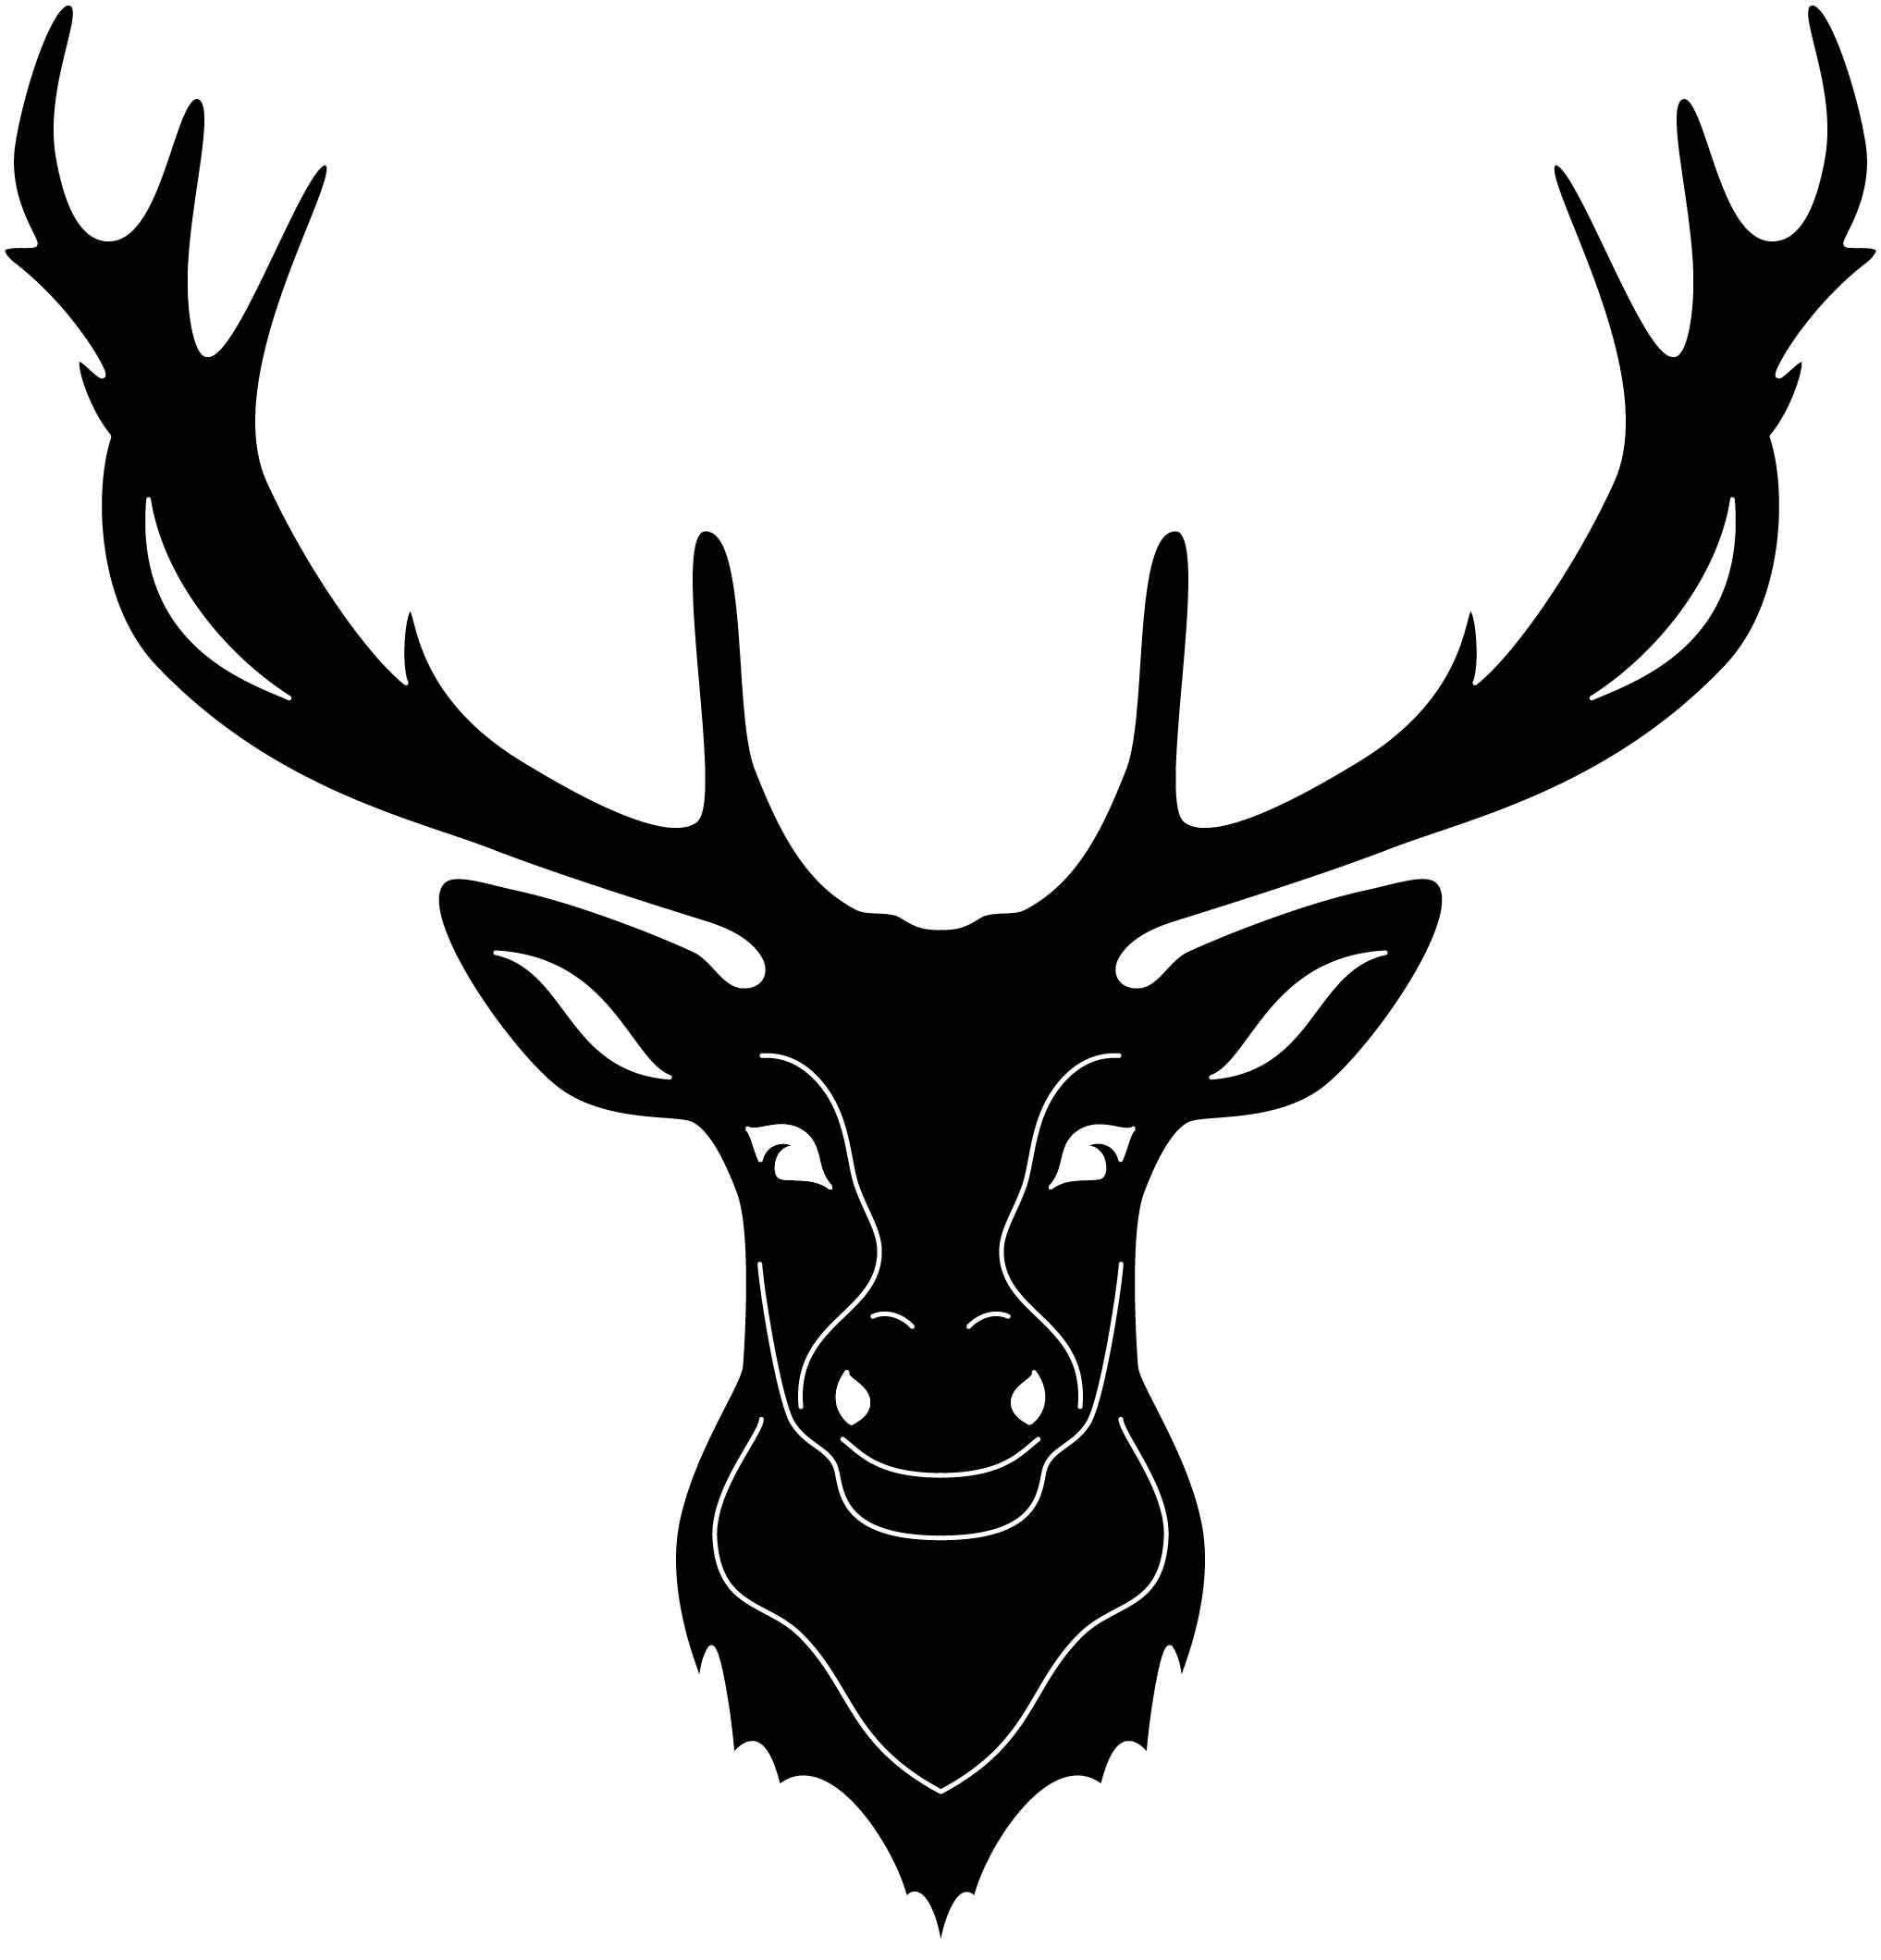 Deer and moos free dxf files in 2020 dxf deer dxf files